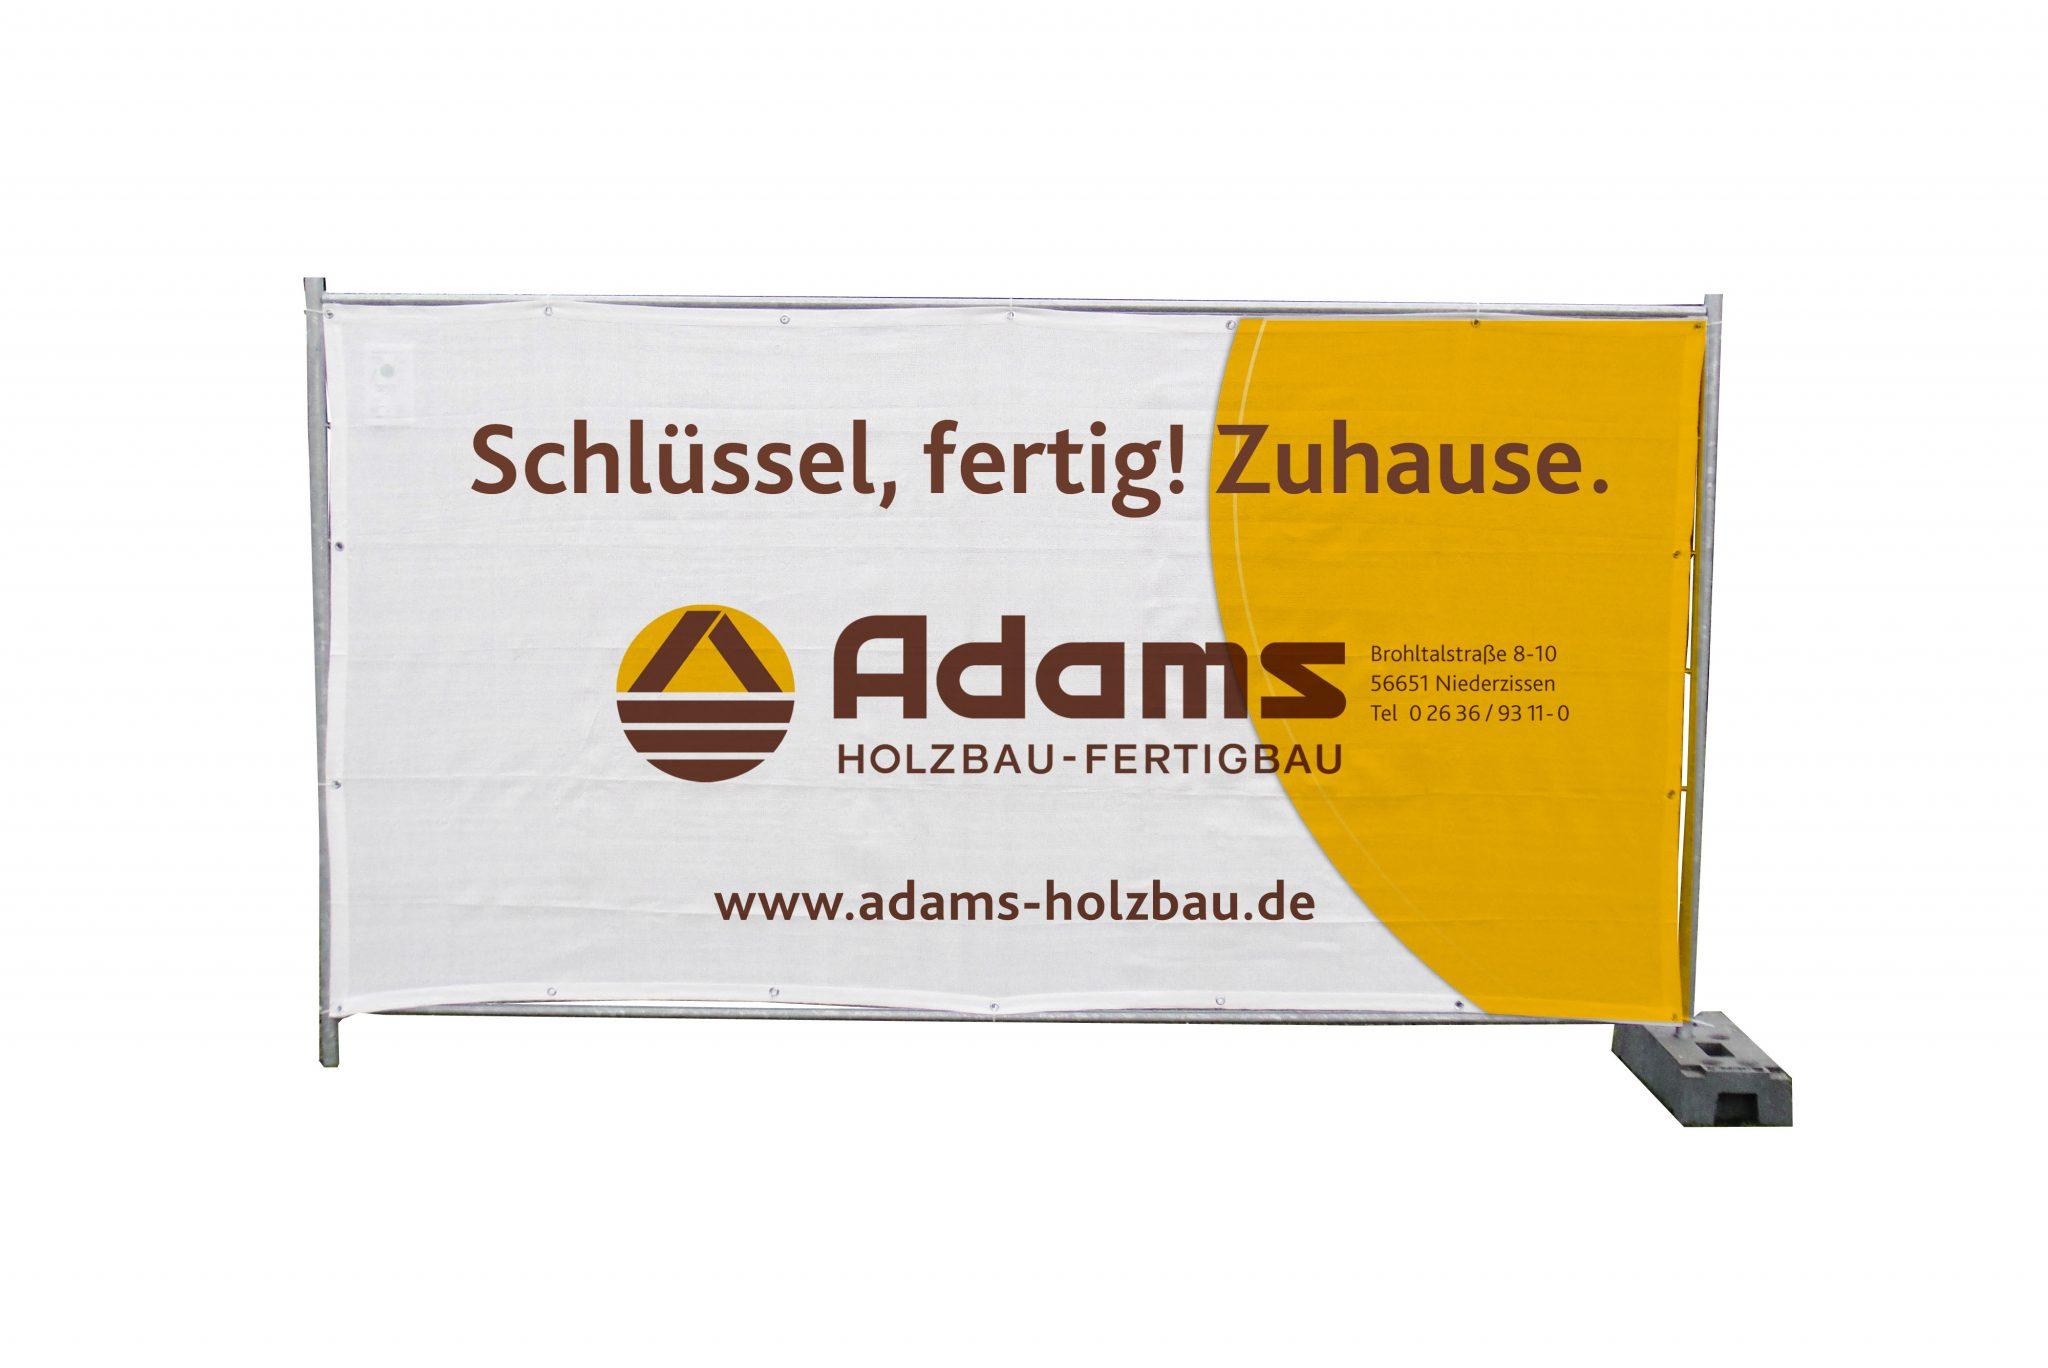 Adams Banner Zuhause